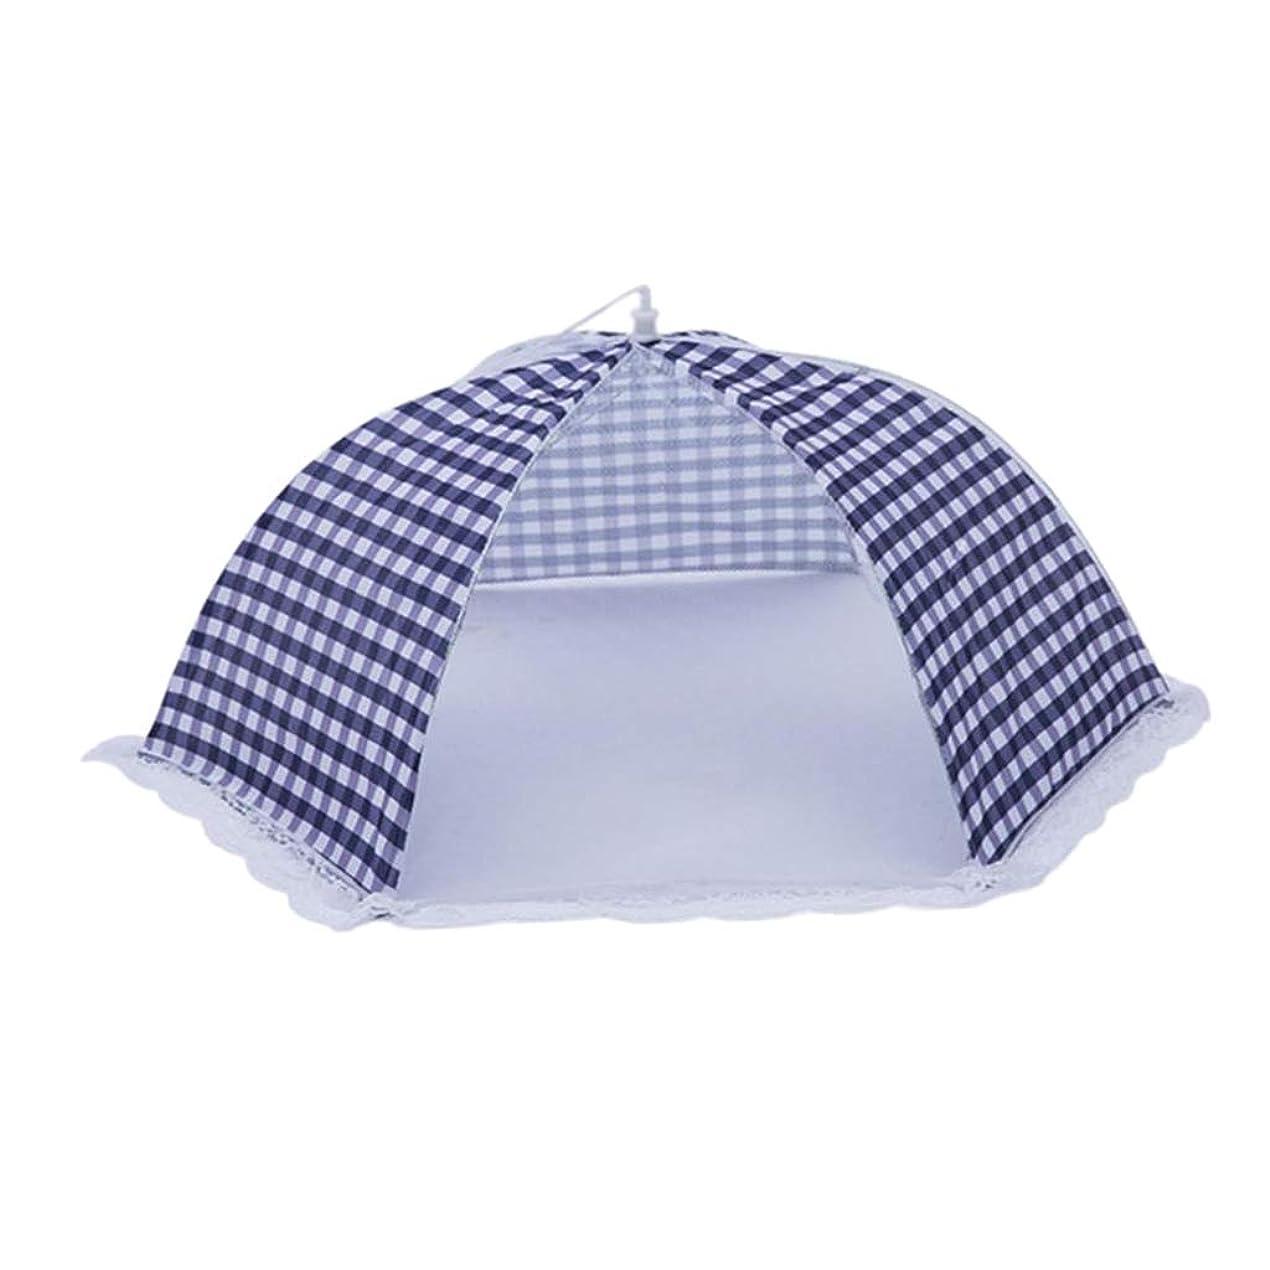 より良い指導するエンジニアフードカバー 食品テント 食器カバー 皿カバー 防昆虫 防蚊 省スペース